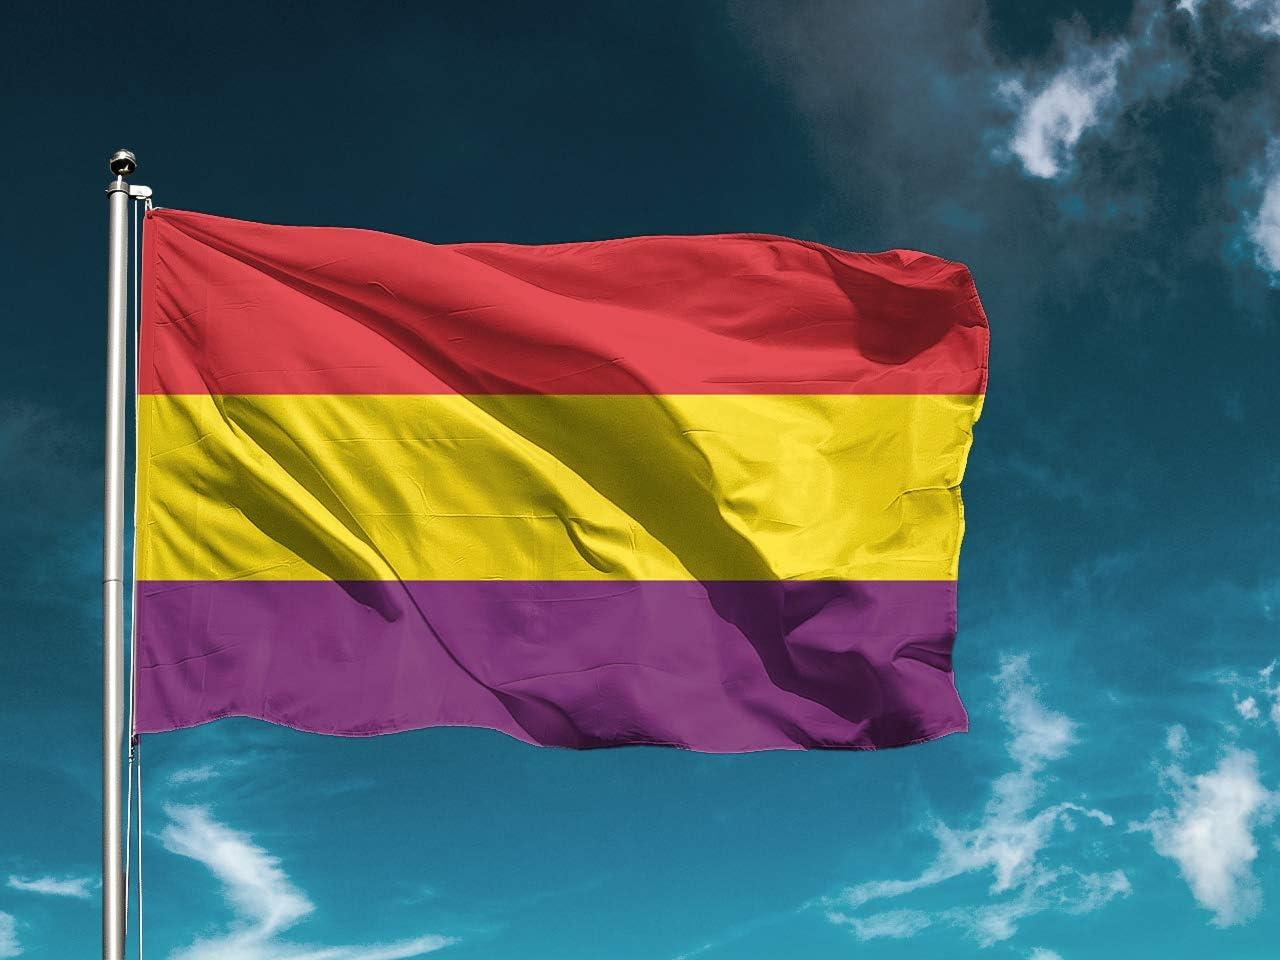 G | Bandera Segunda República Española | Bandera Países | Medidas 150cm x 85cm | Fácil colocación | Decoración Exteriores (1 Unidad): Amazon.es: Hogar